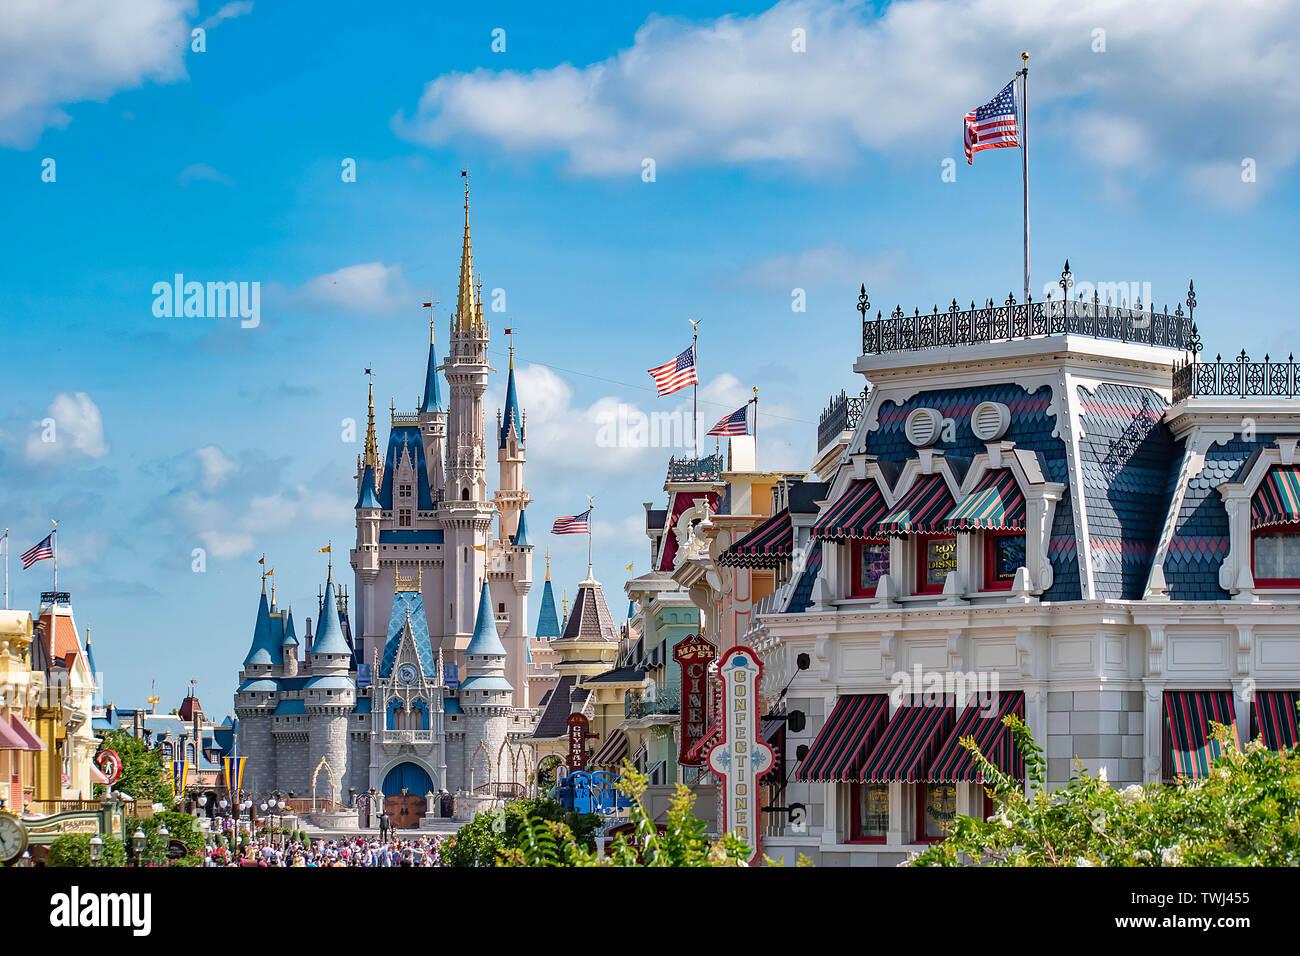 Orlando, Florida  May 10, 2019  Top view of Main Street and